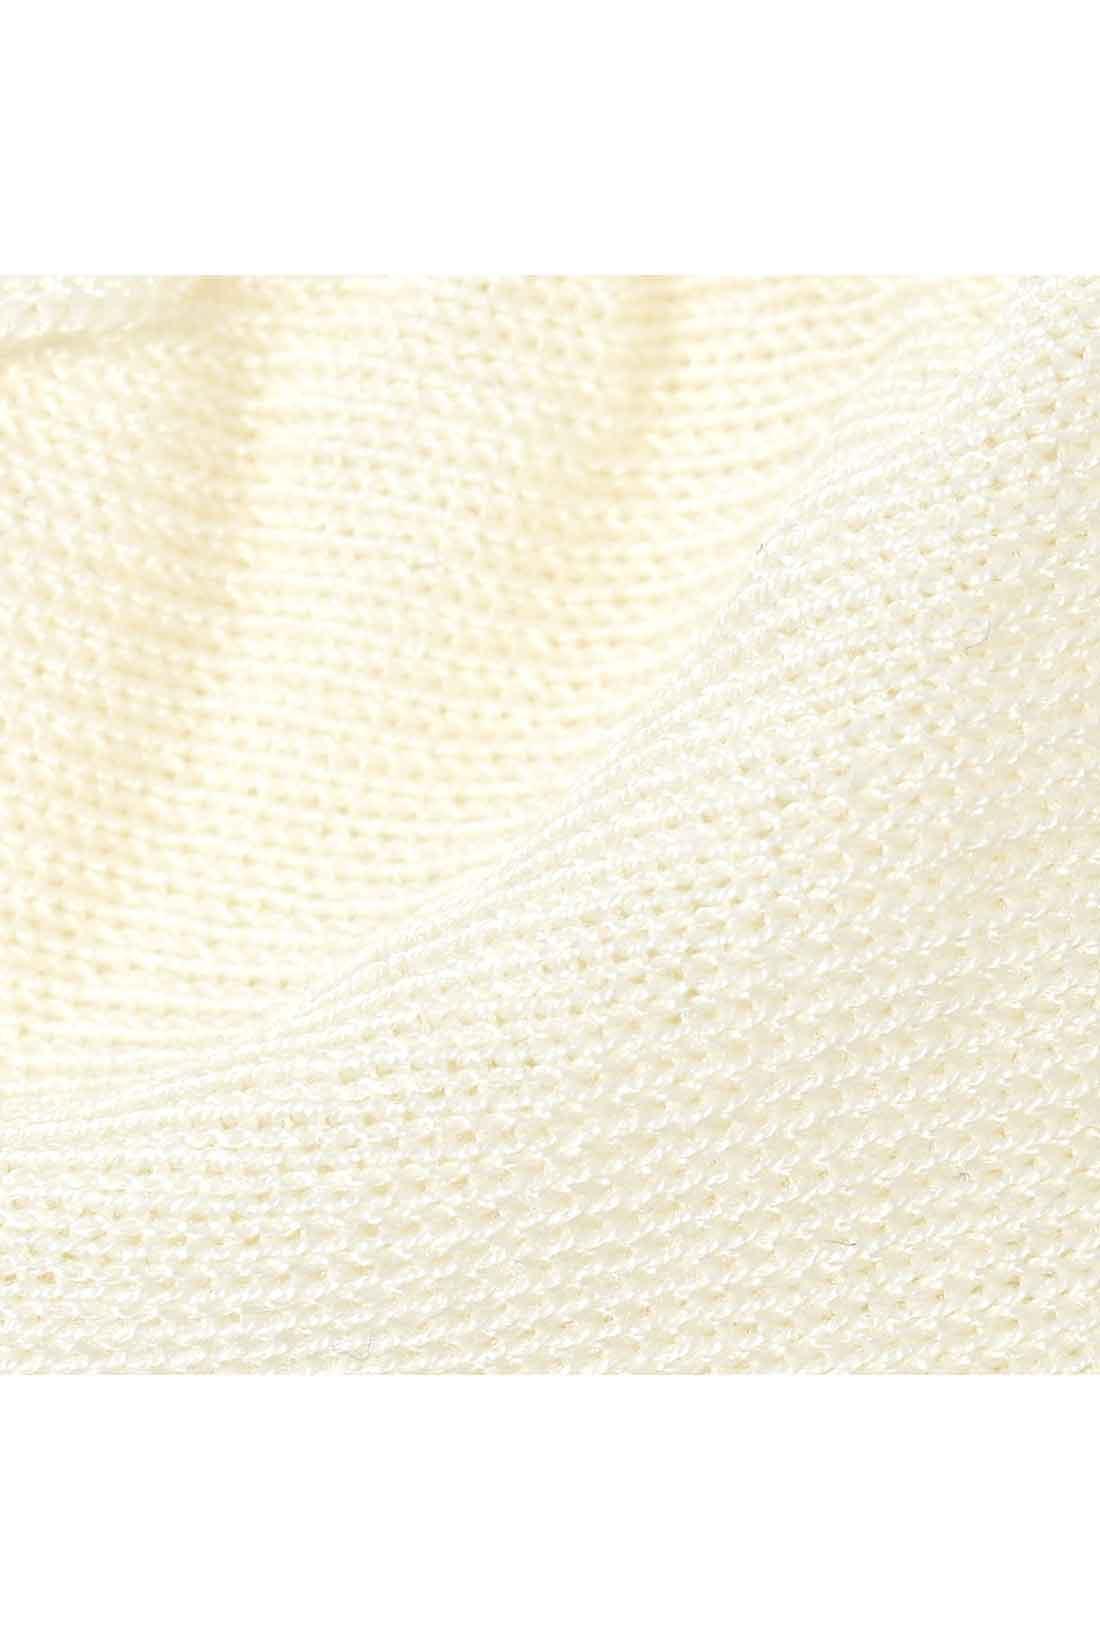 ガーゼのように薄く通気性のよい素材で、むれにくく快適なはき心地。